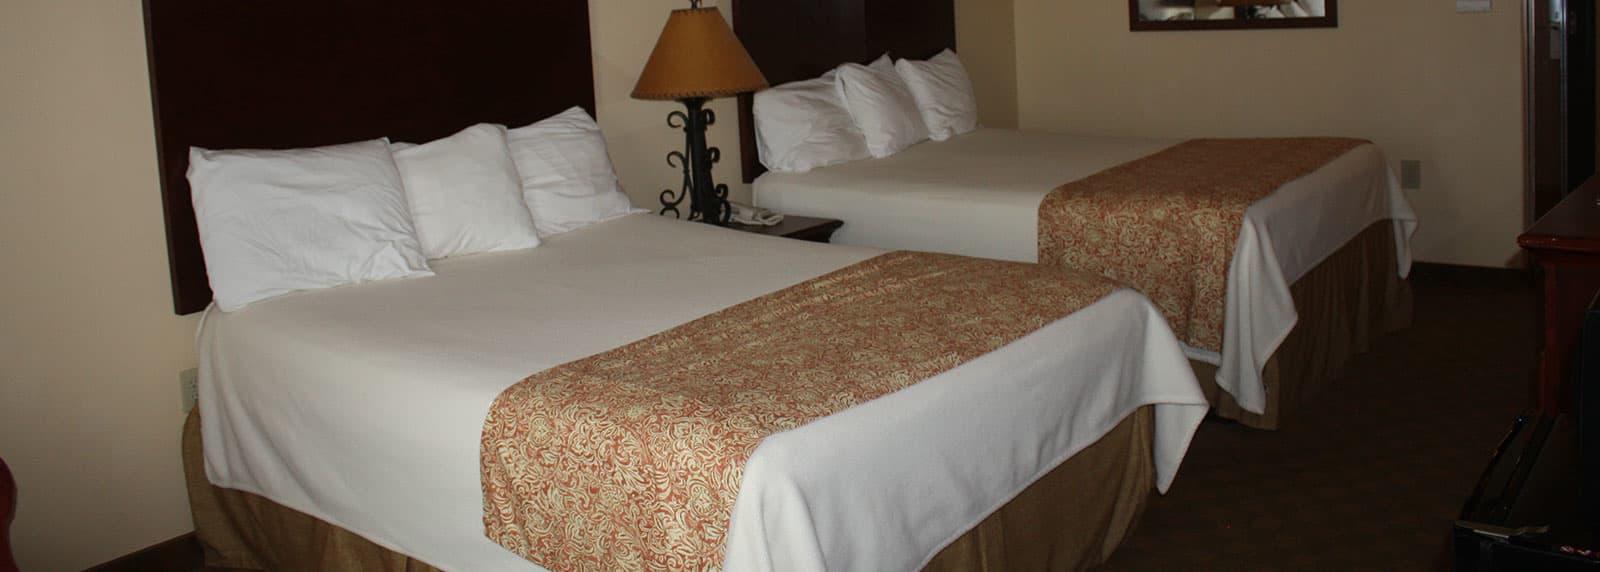 Hotel Texas Hallettsville Rooms